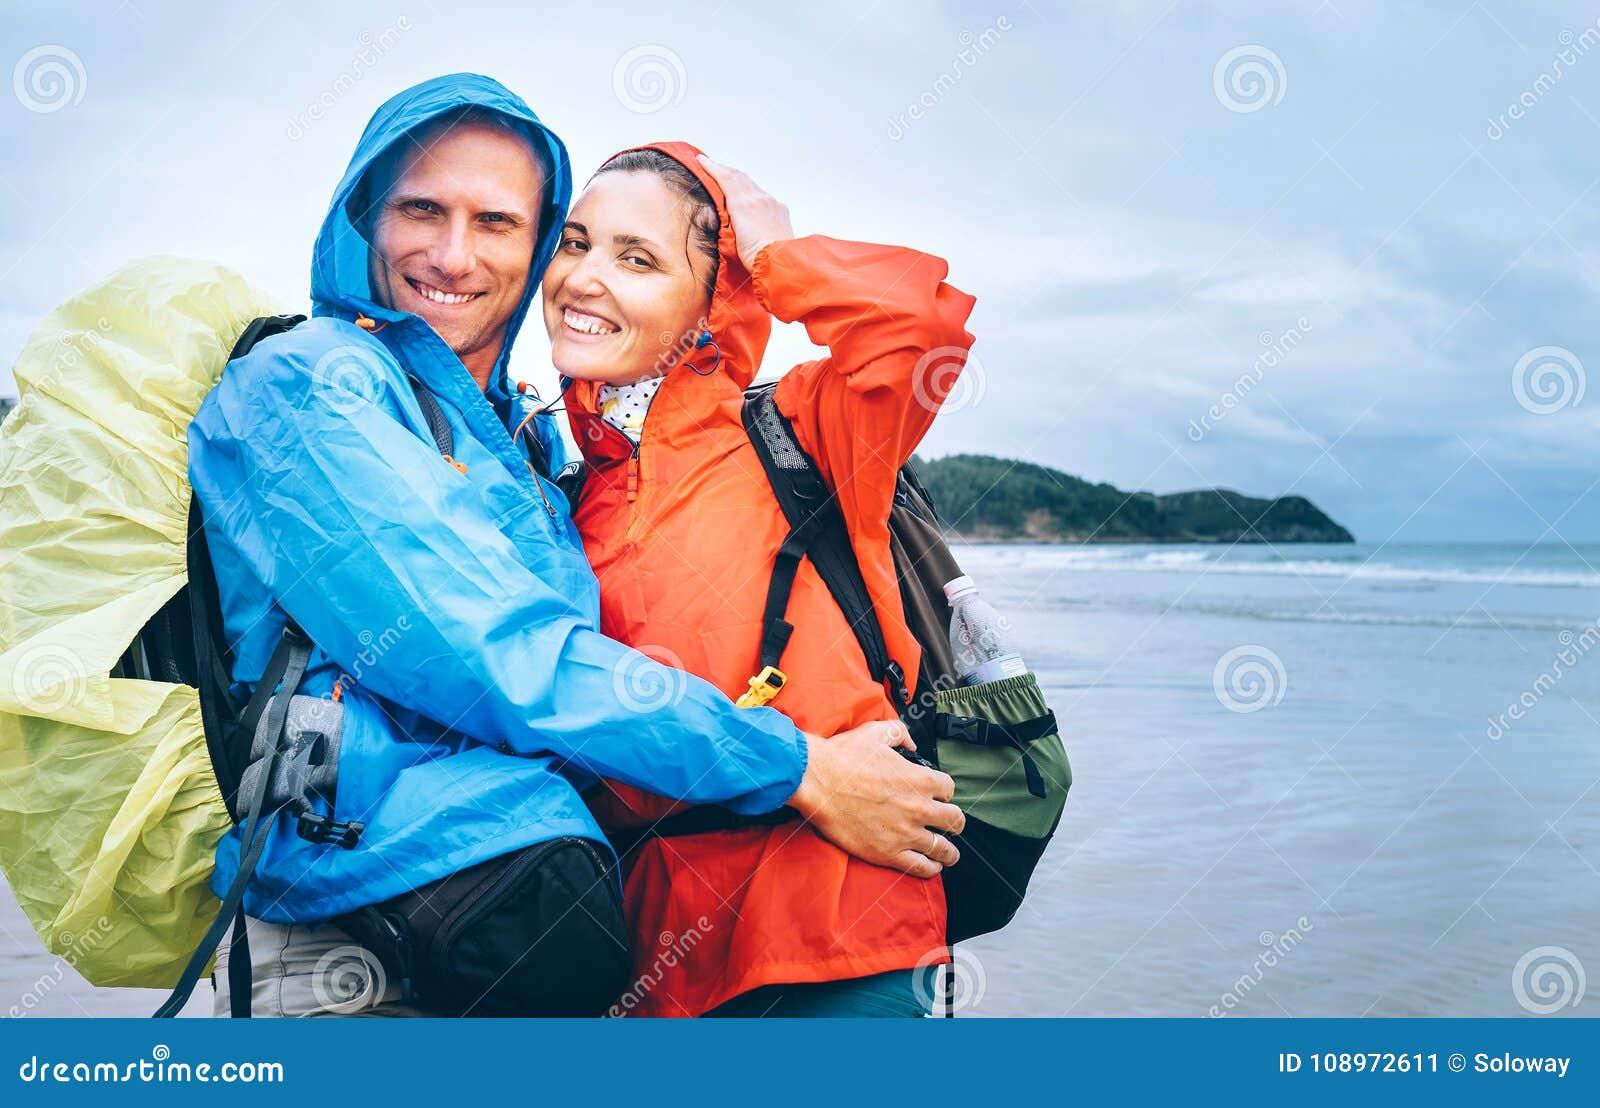 Los pares sonrientes felices de los viajeros en día lluvioso en el océano varan